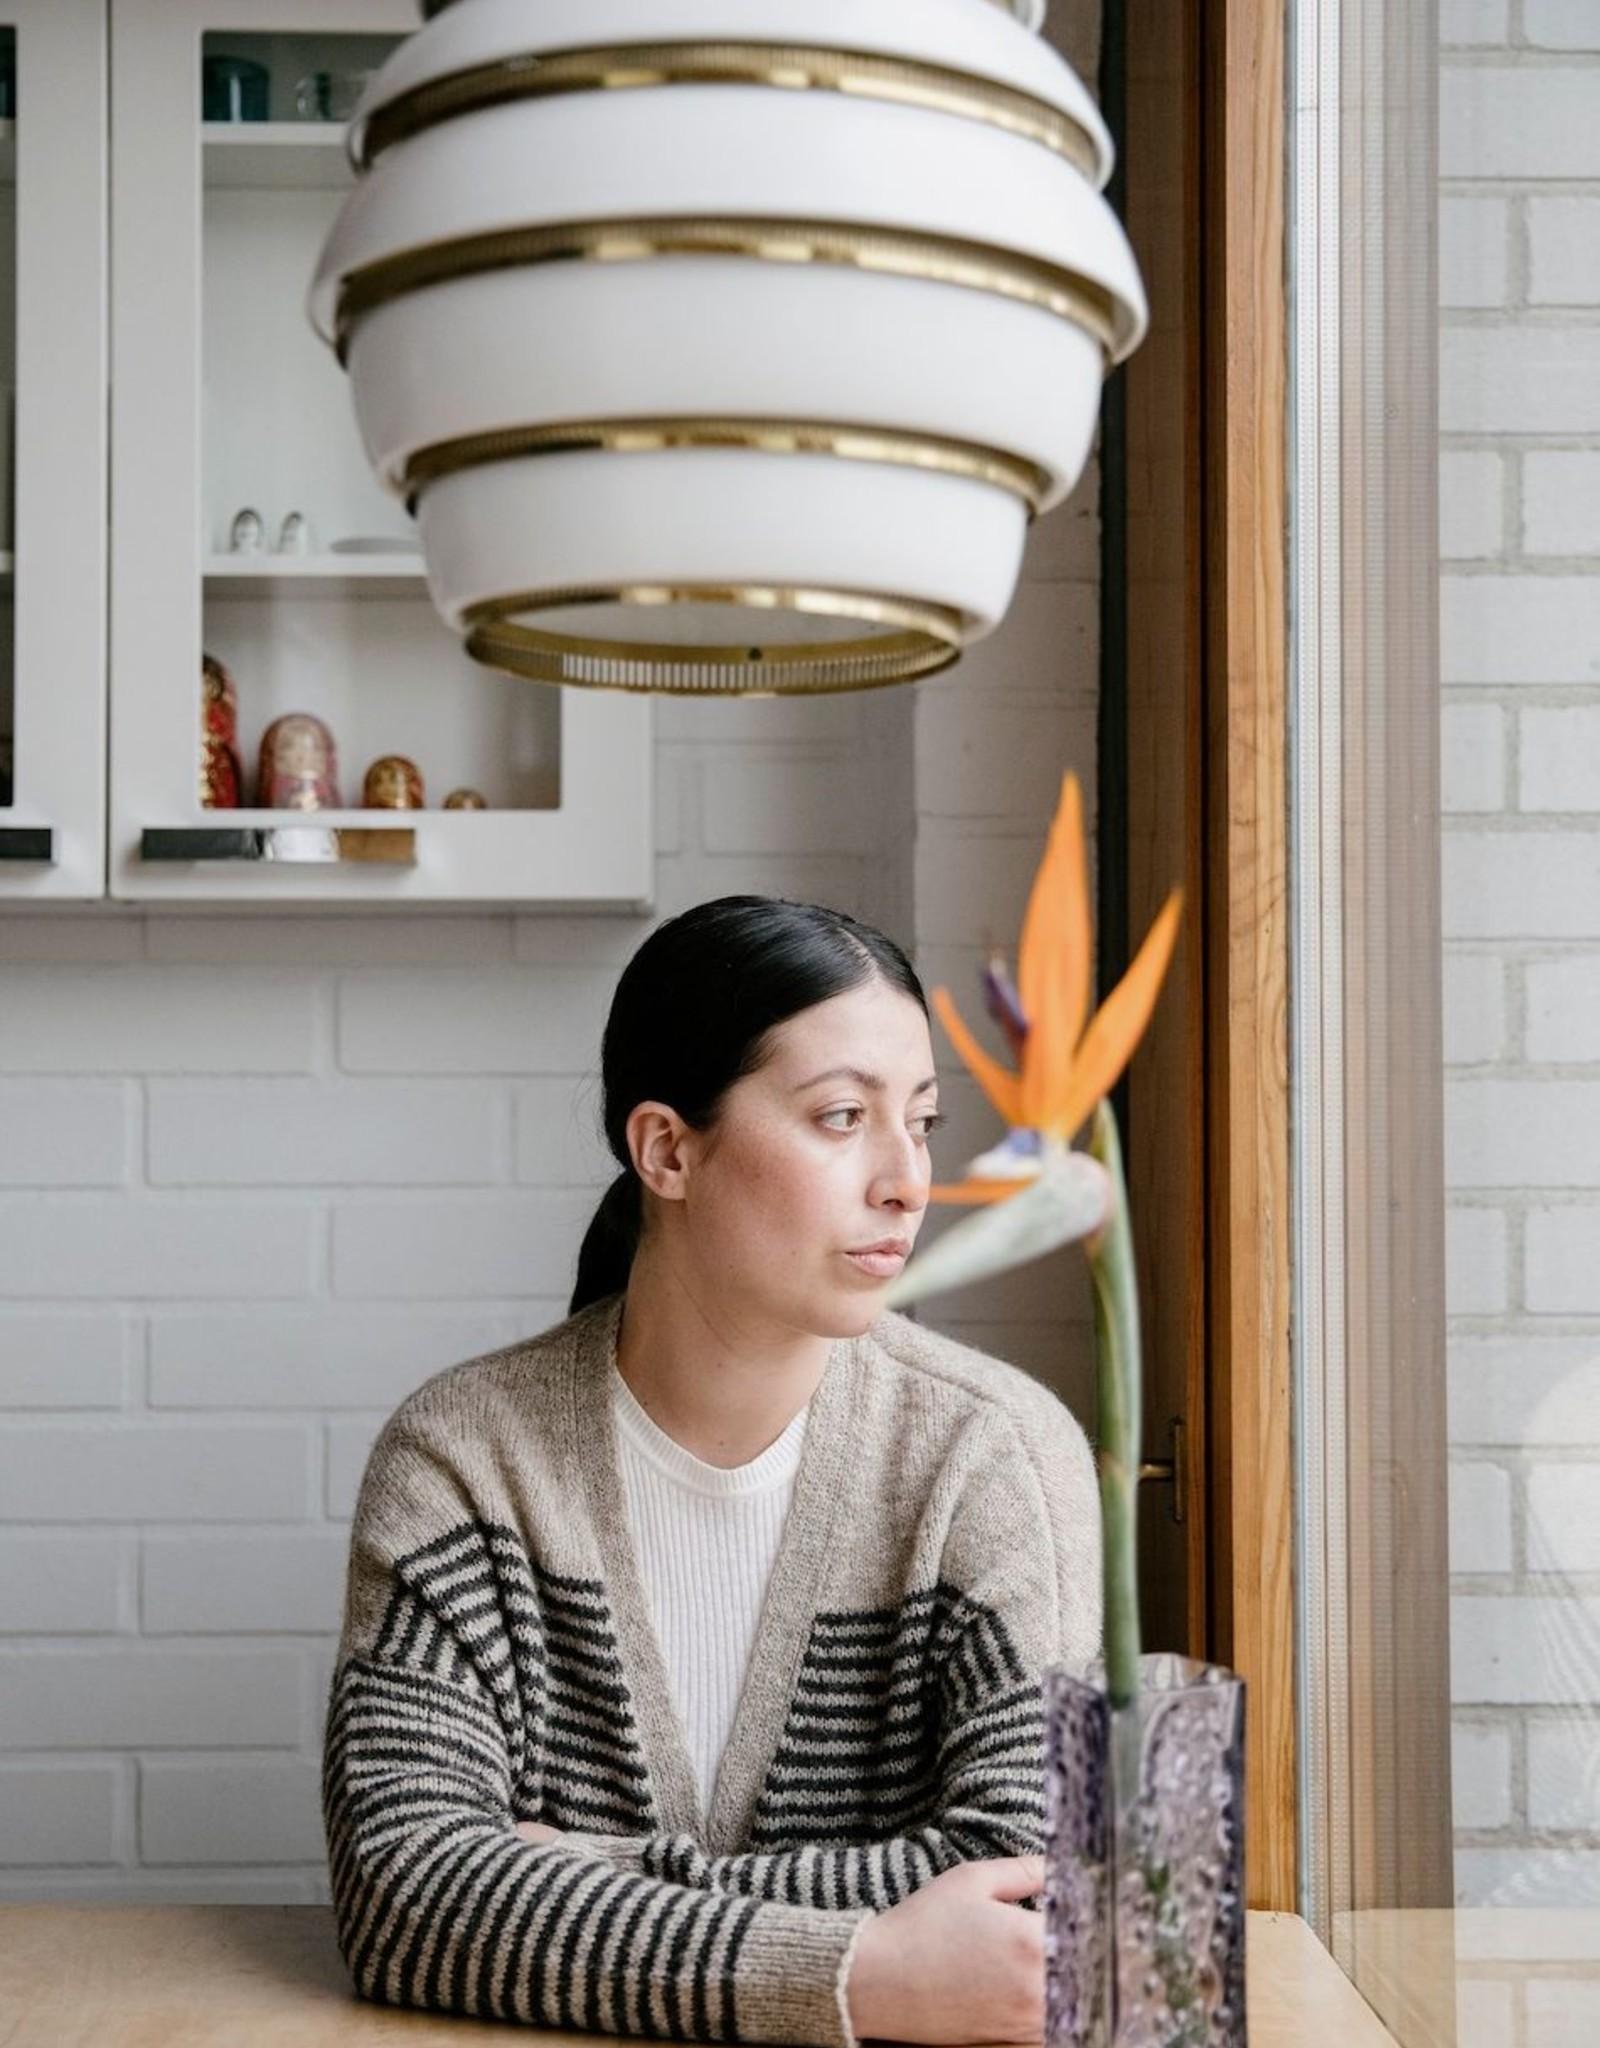 Laine Veera Välimäki - Stripes (preorder)